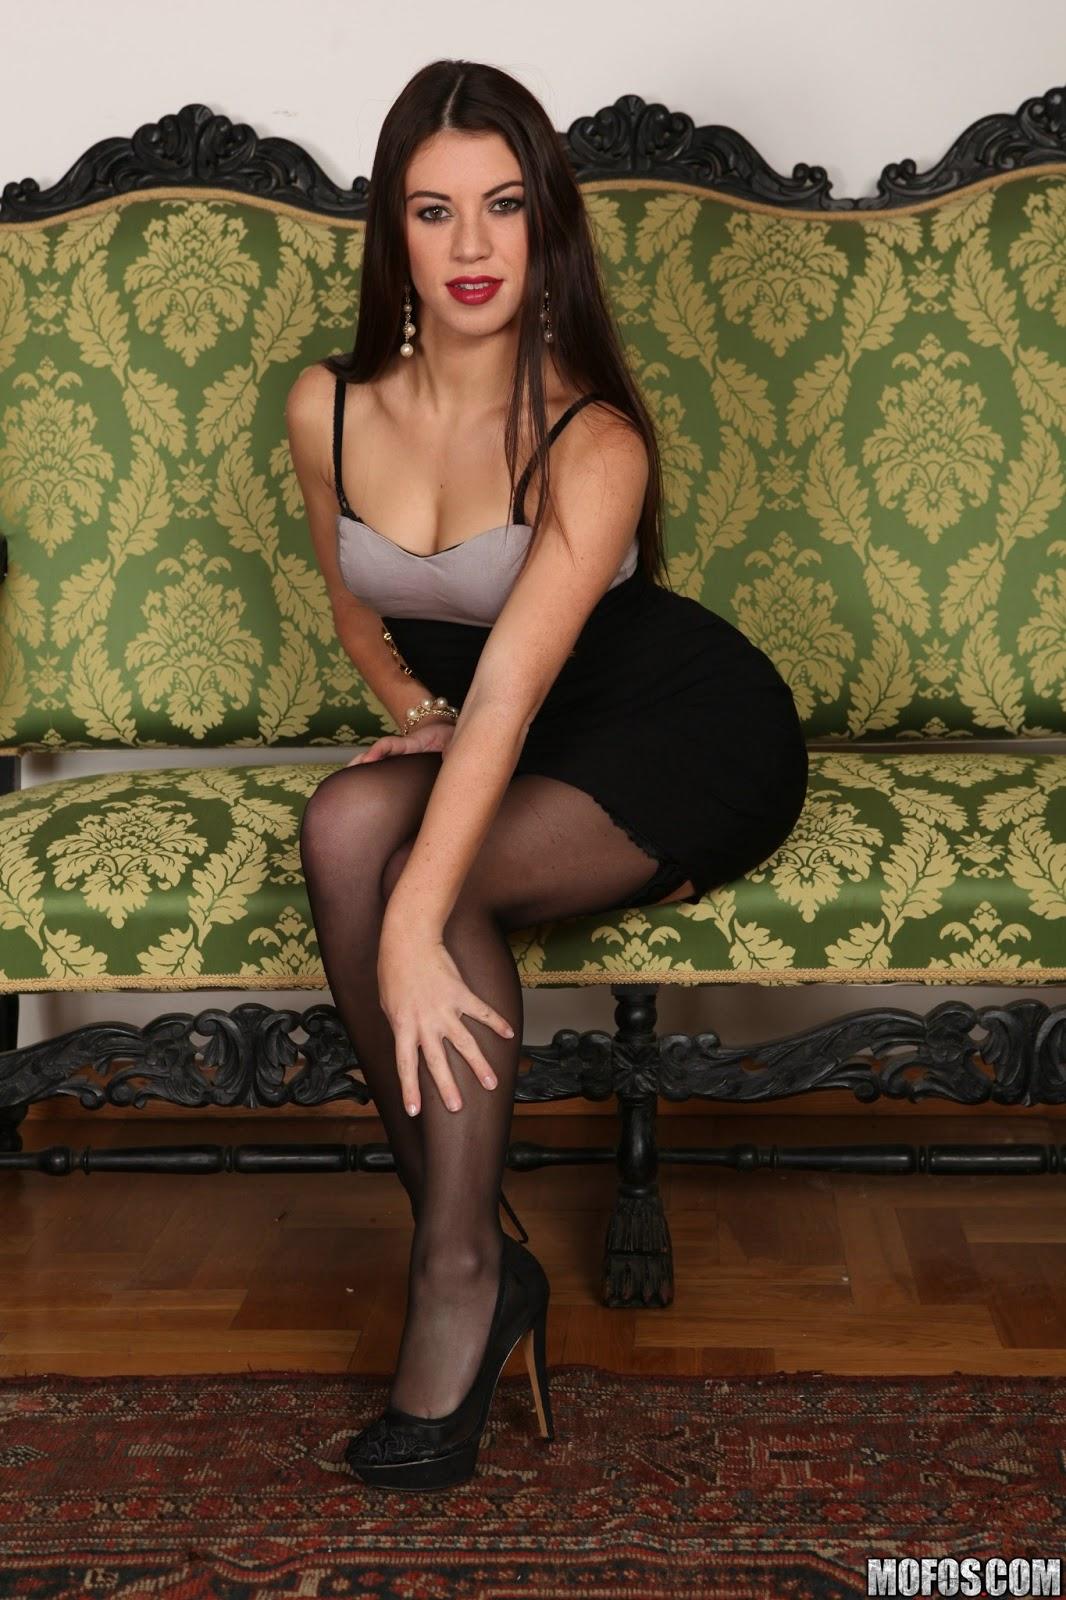 красивая девушка в юбке в черных чулках и на каблуках